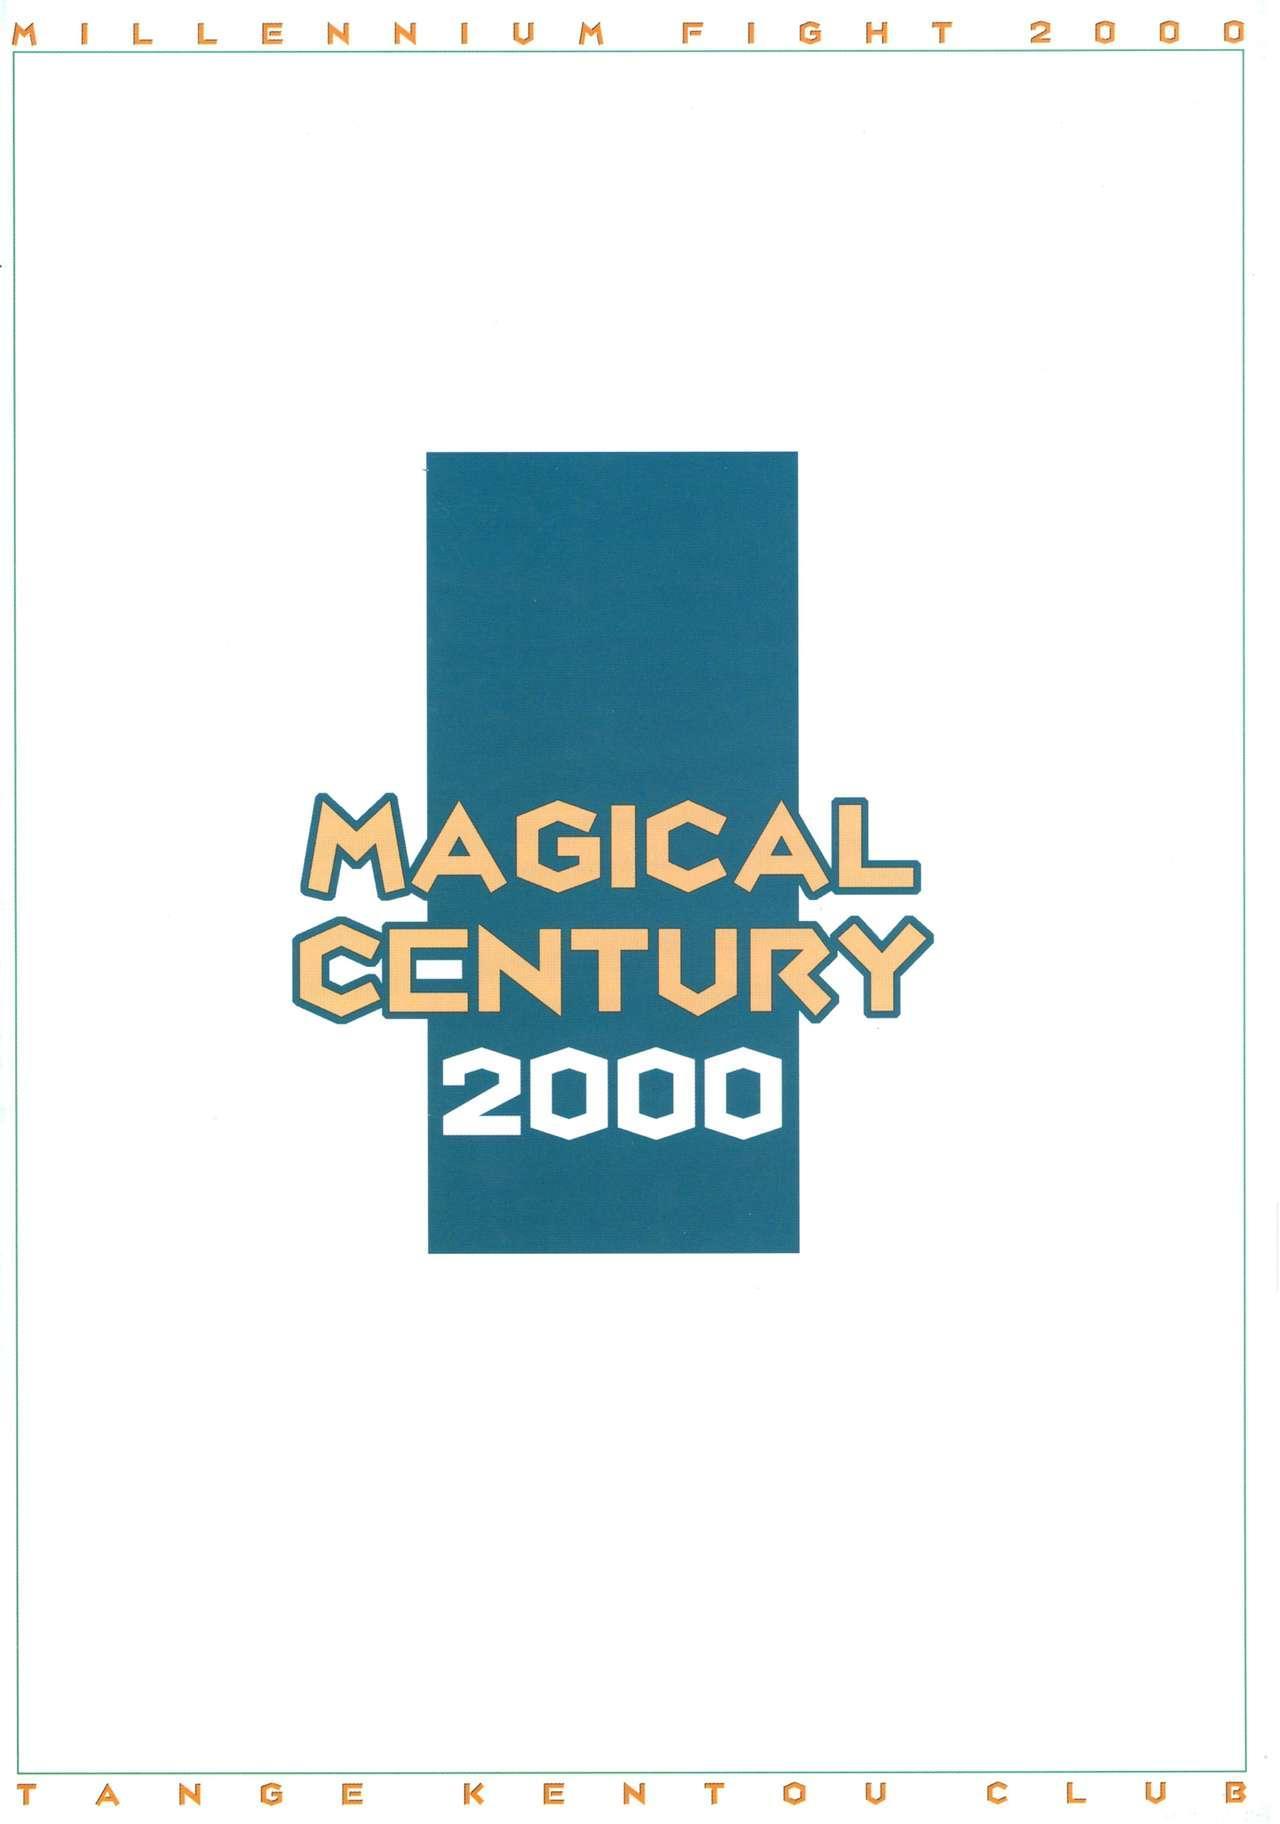 MAGICAL CENTURY 1